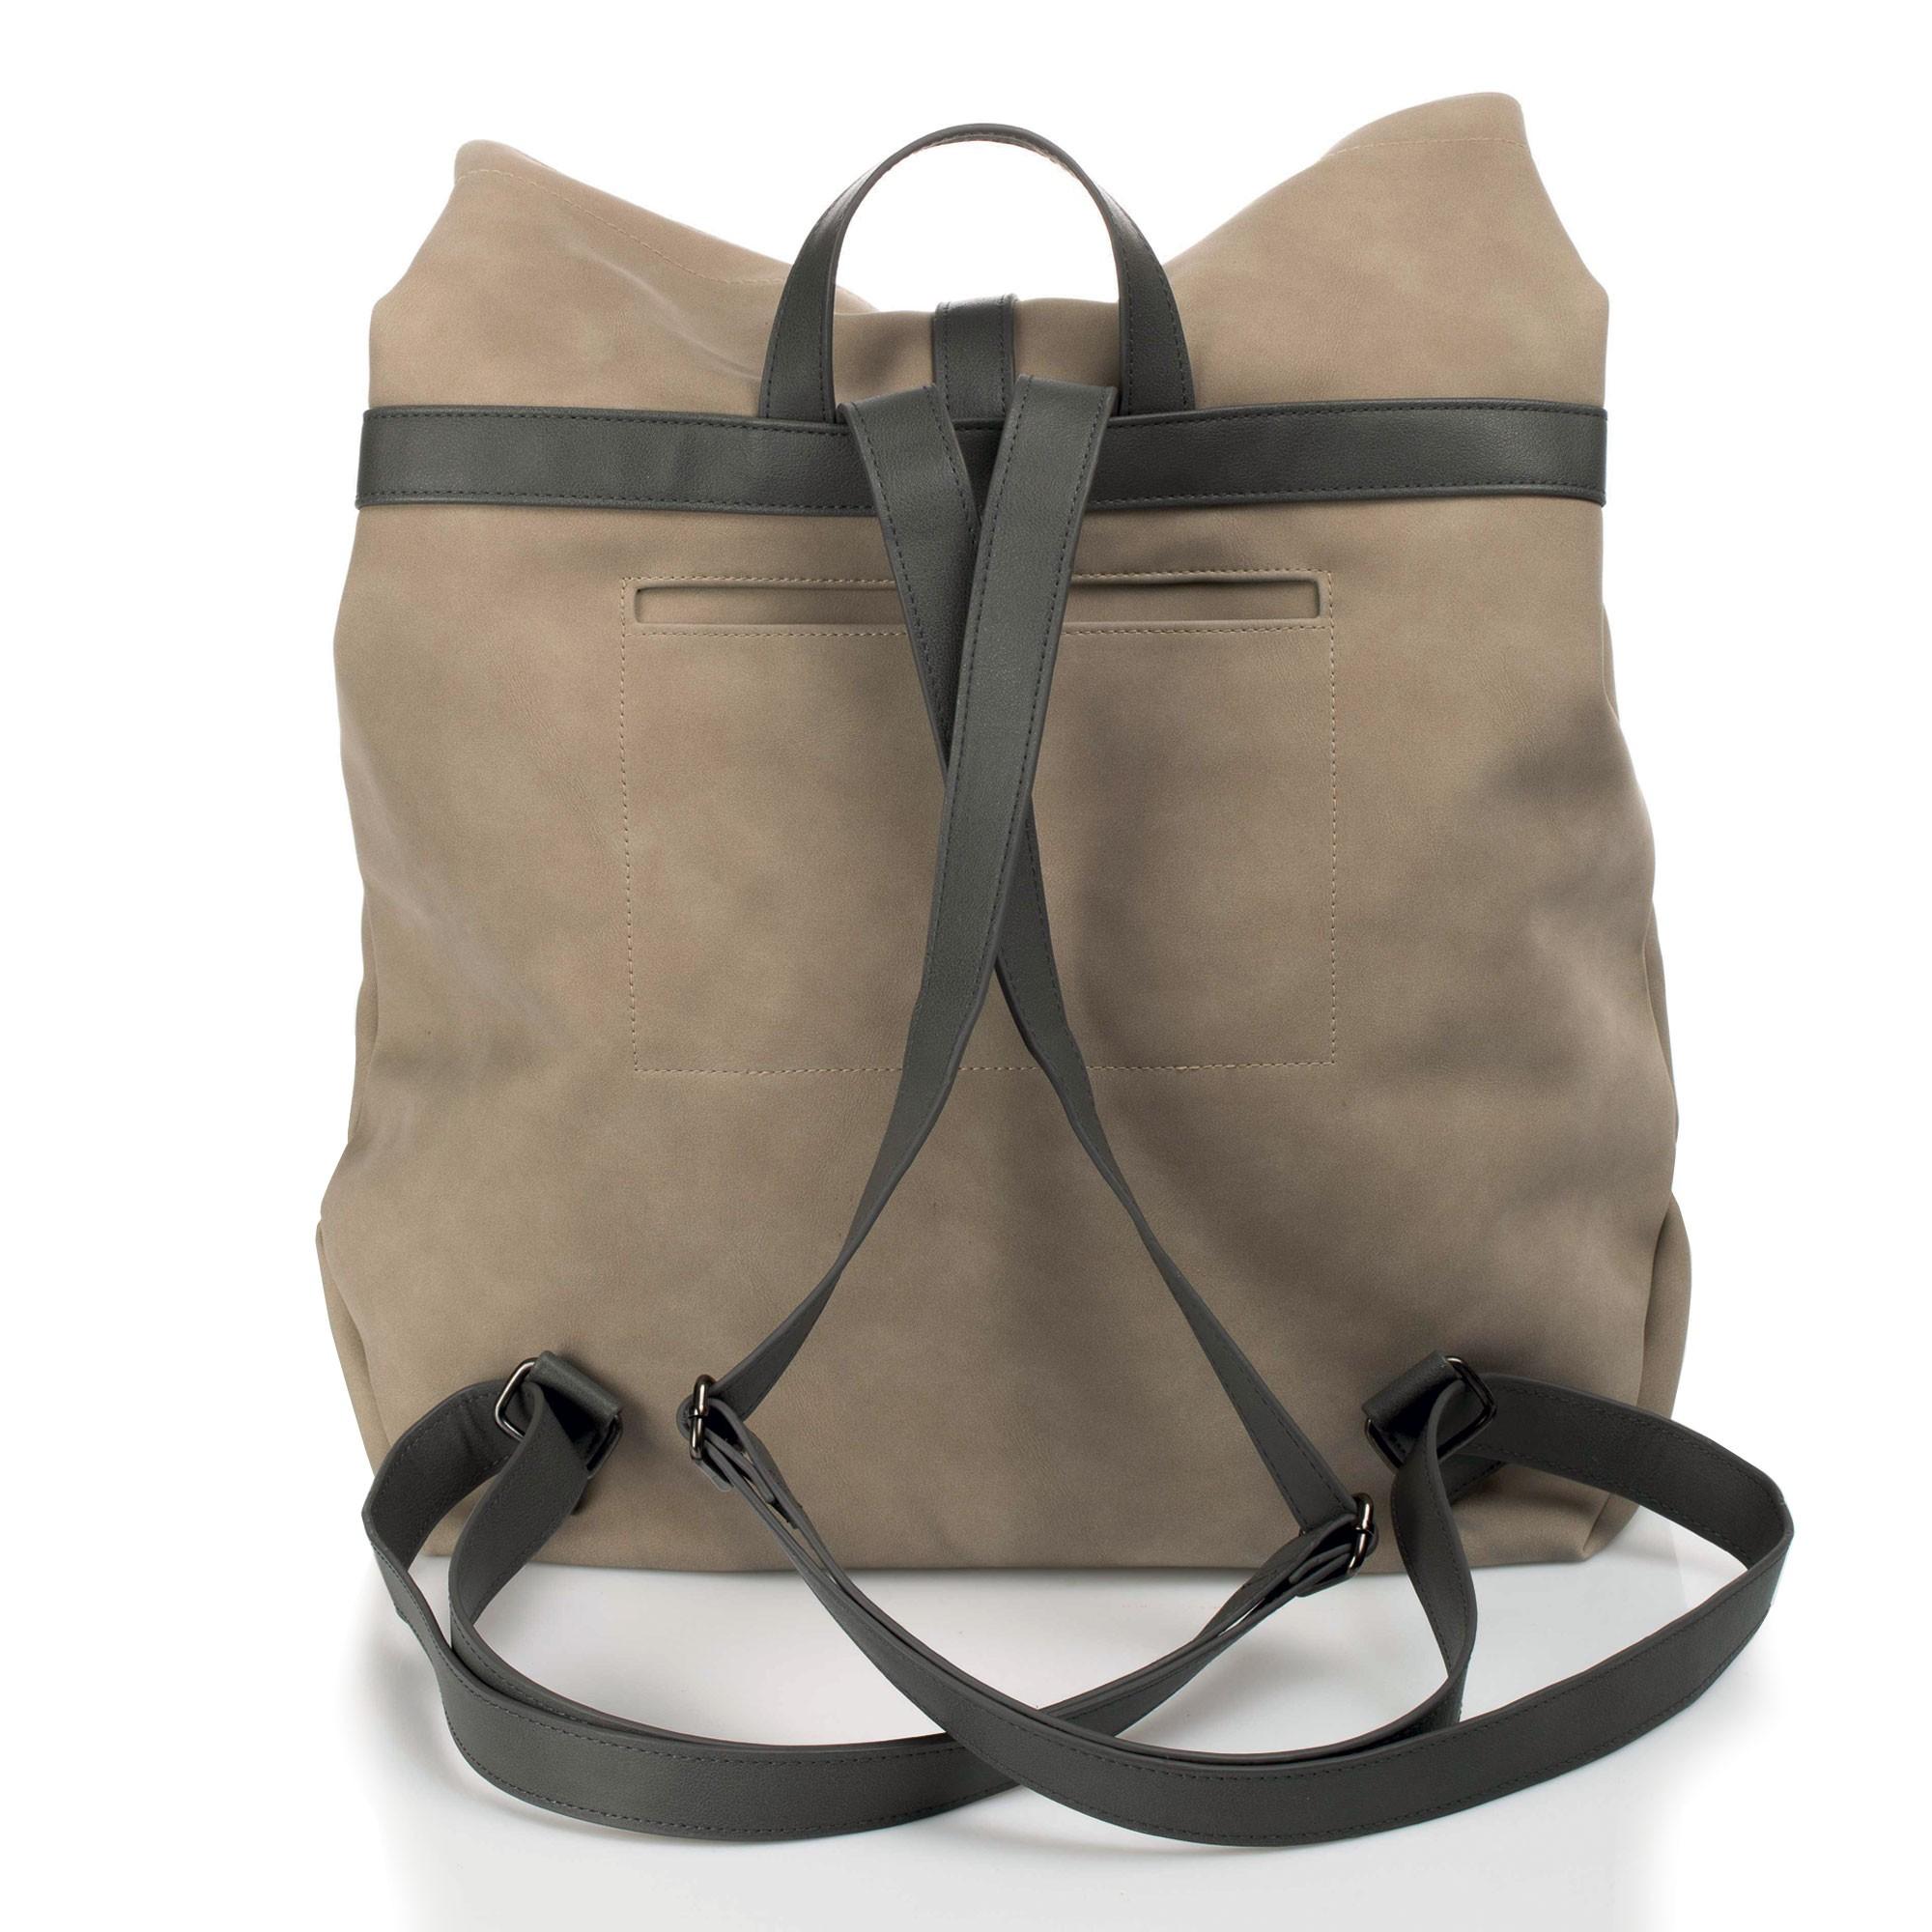 mio-mojo-backpack-last-minute-ethical-vegan-christmas-gift-guide-ideas.jpg